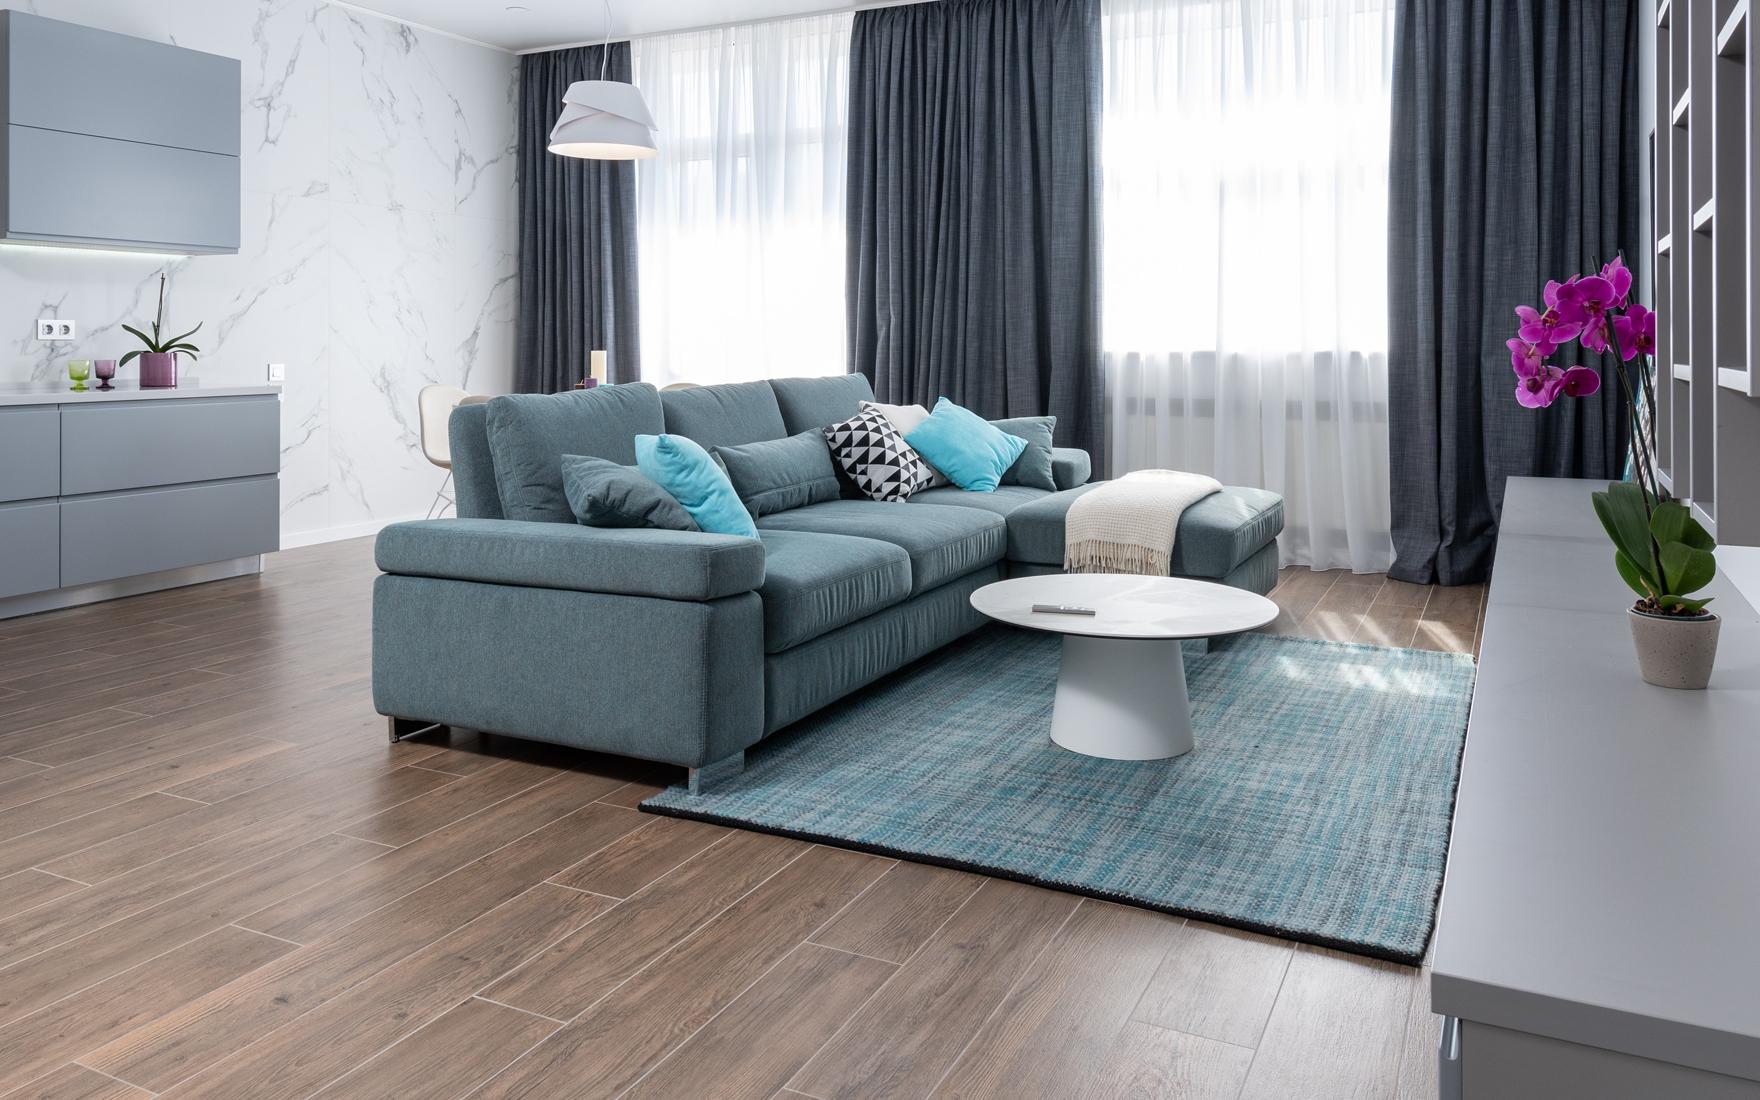 Как выбрать диван в гостиную: советы по выбору идеальной модели